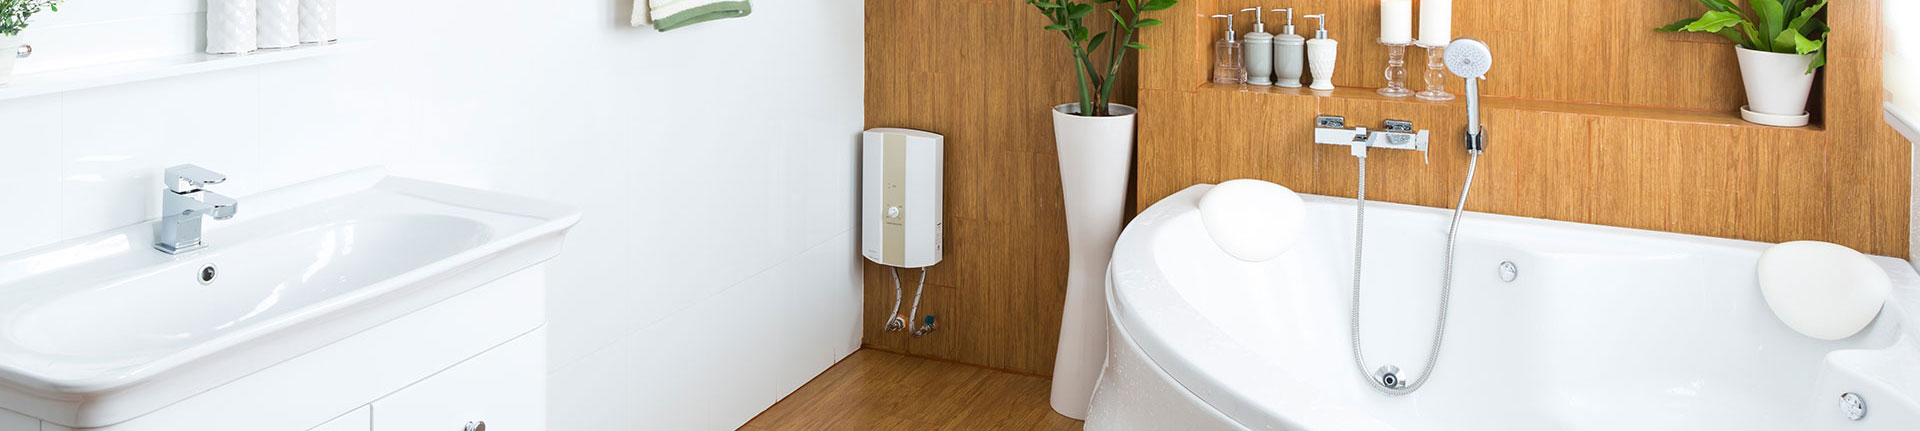 reformas cuartos de baño sevilla